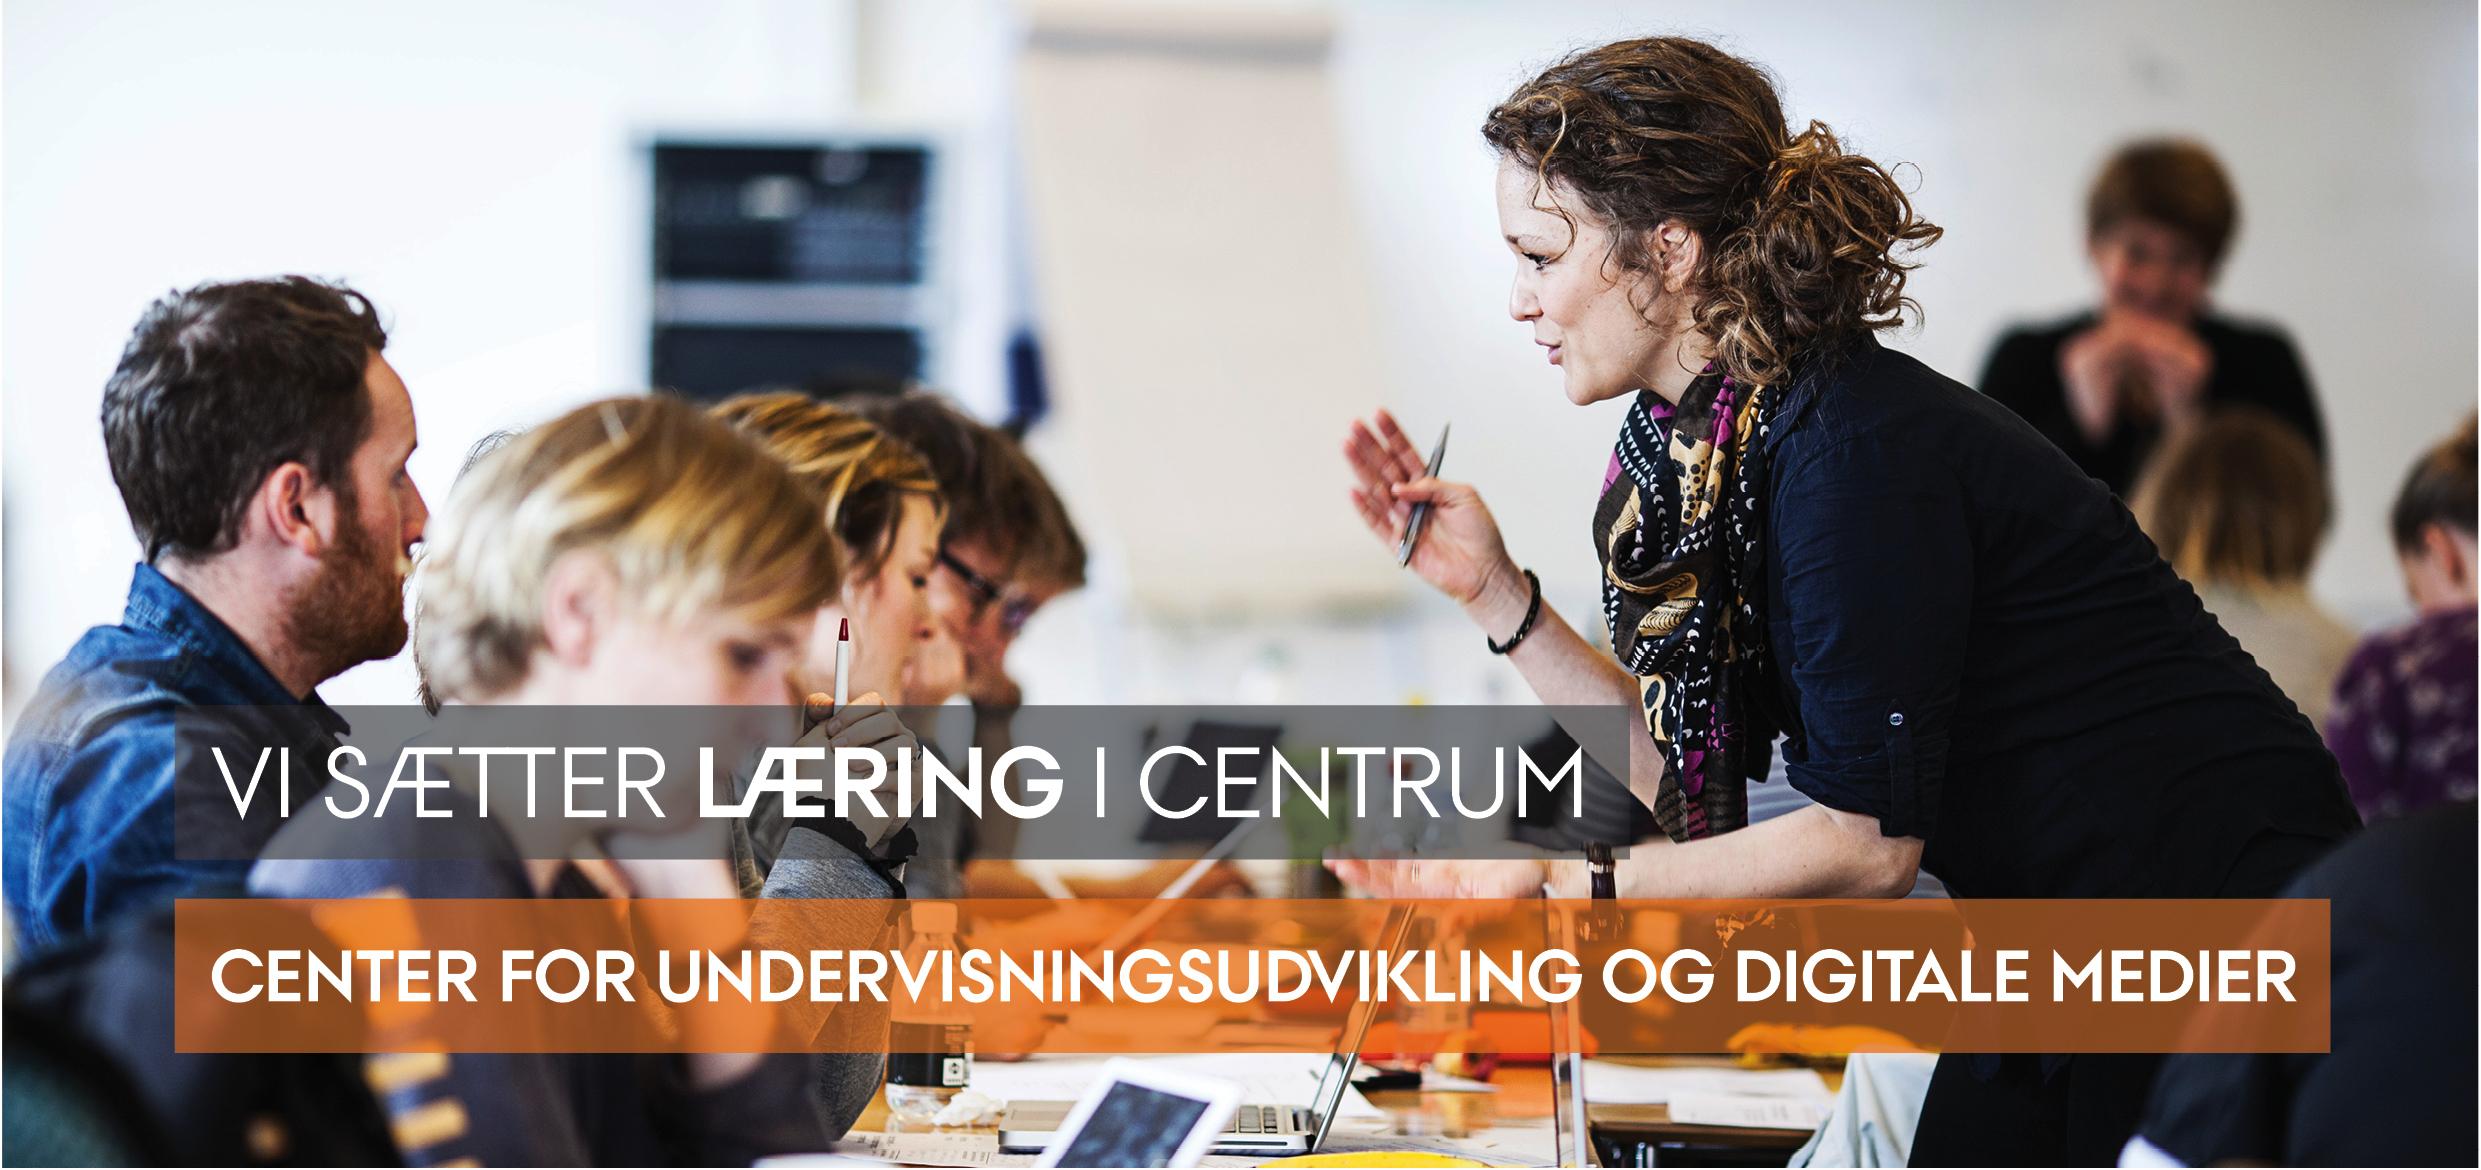 Undervisningsudvikling og Digitale Medier